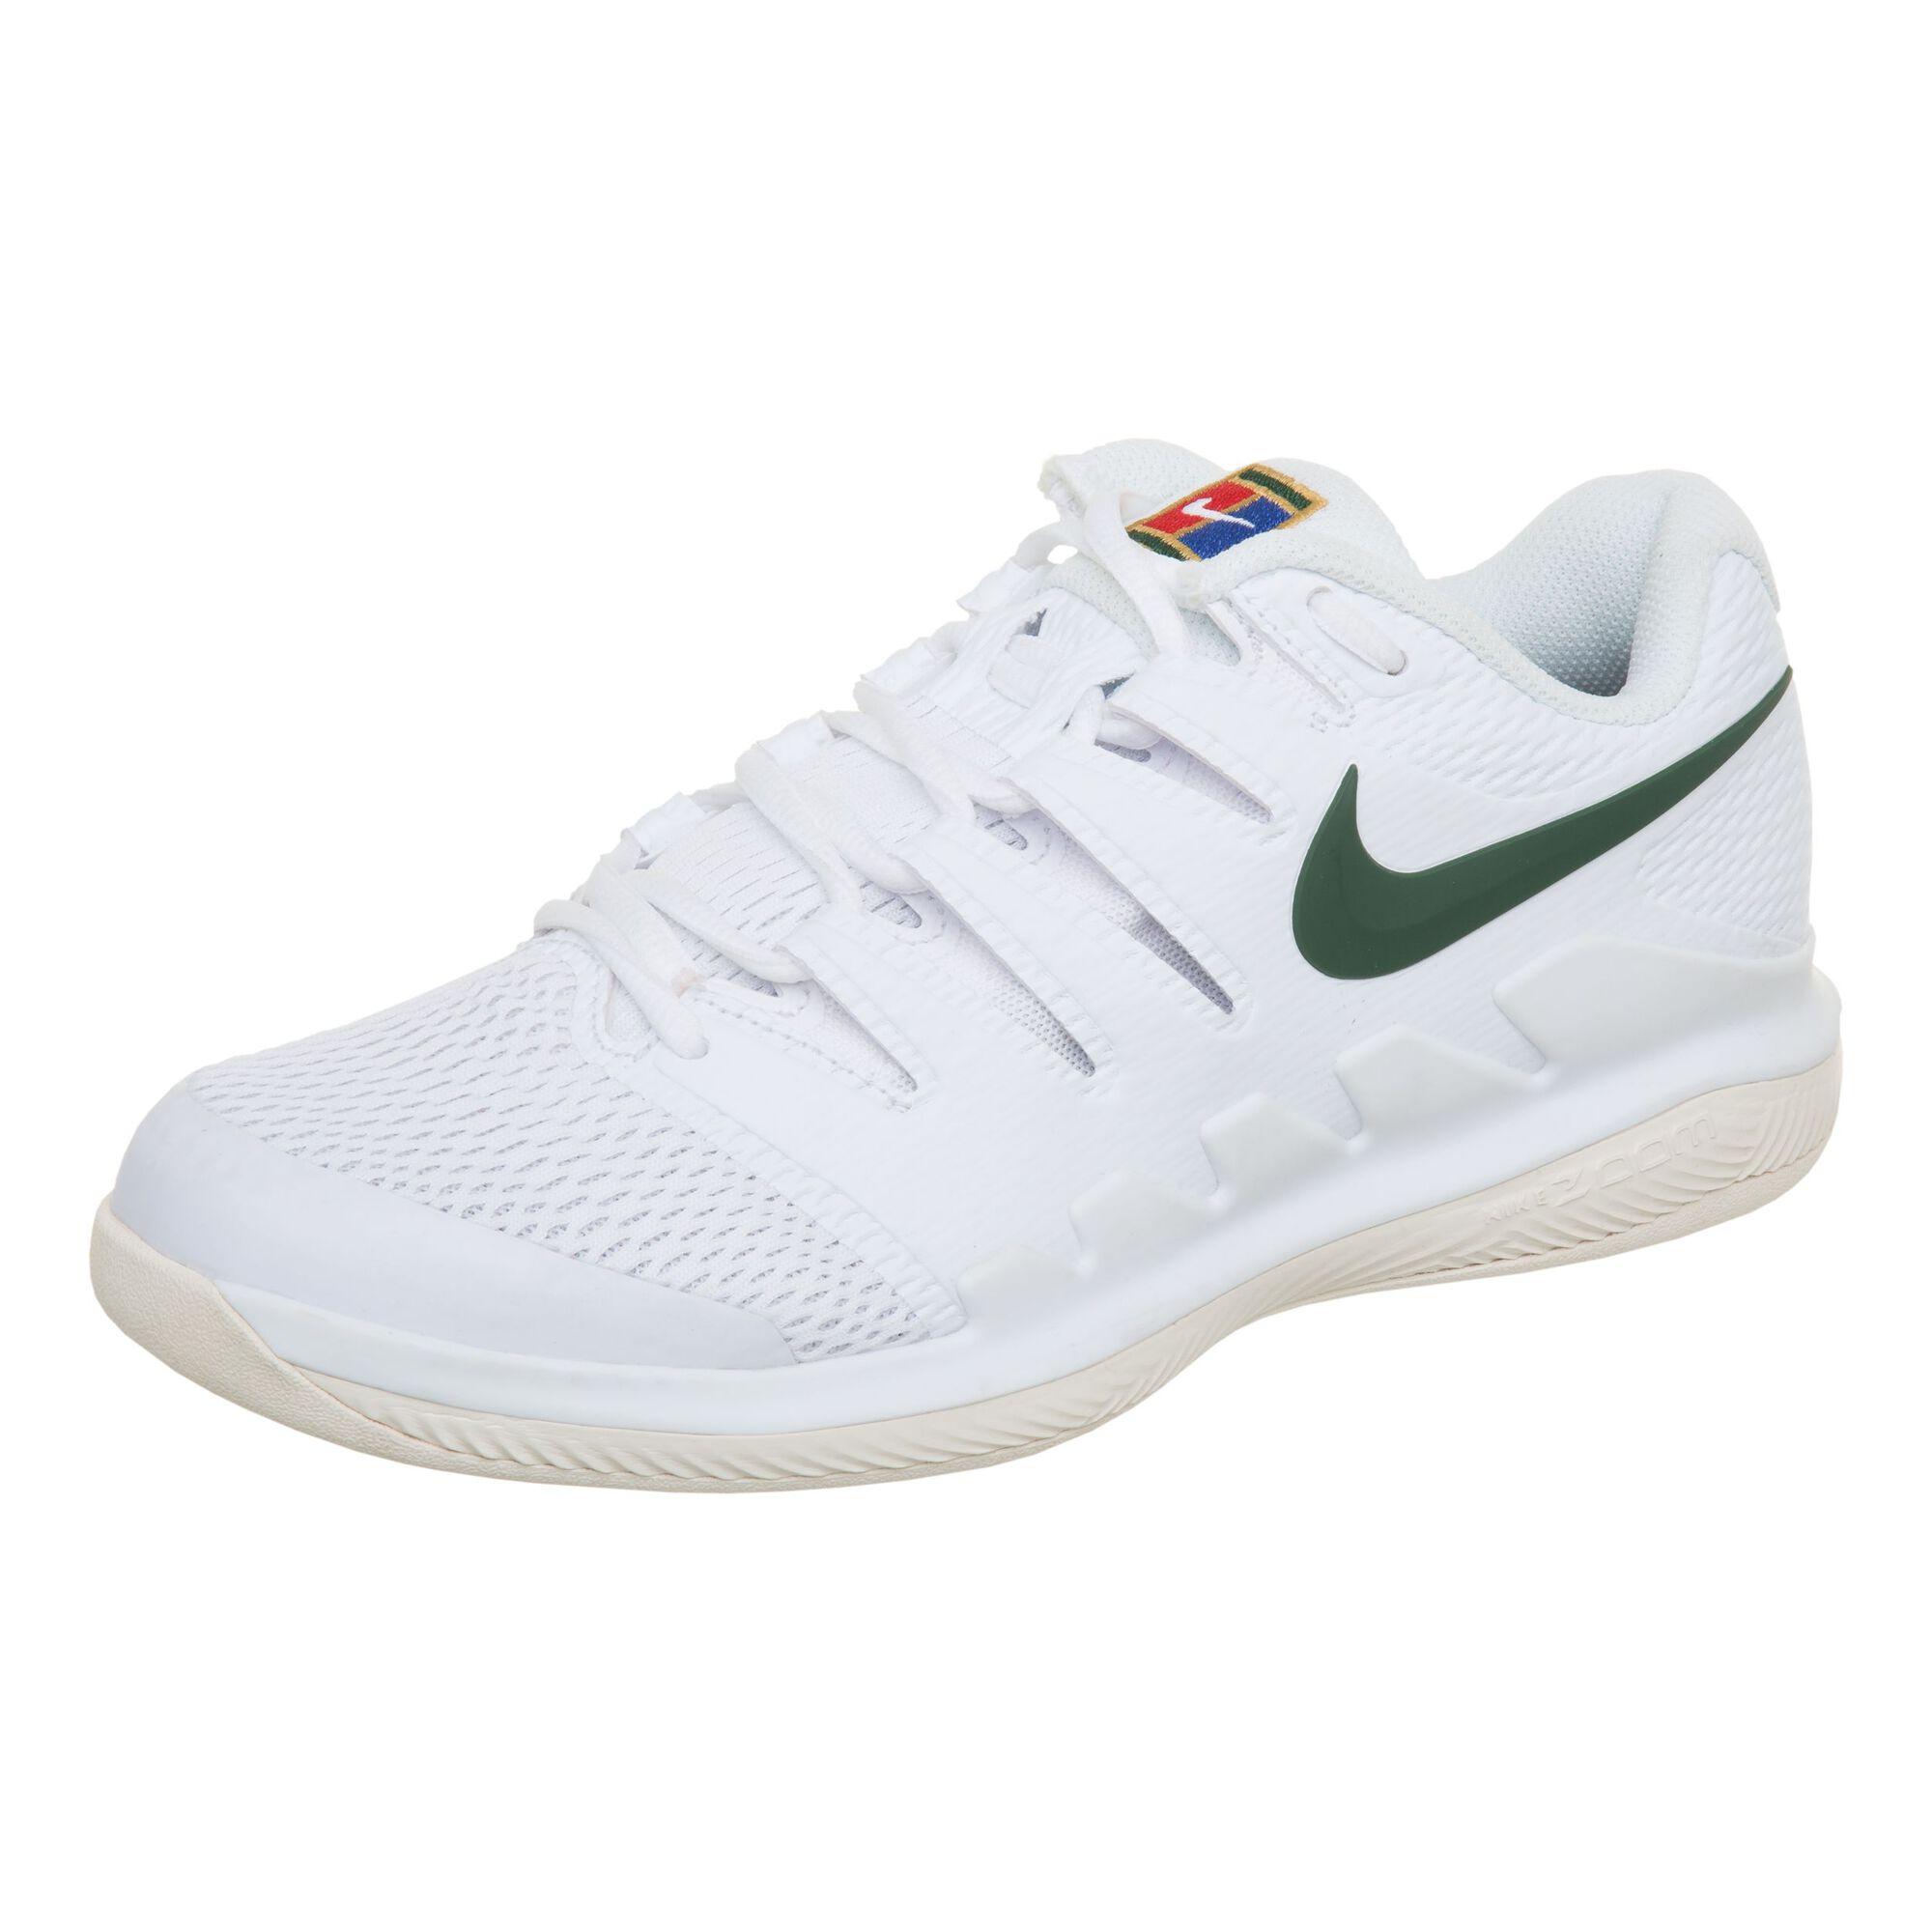 b17de26c011a6 Nike · Nike · Nike · Nike · Nike · Nike · Nike · Nike · Nike · Nike. Air  Zoom Vapor 10 Carpet Women ...